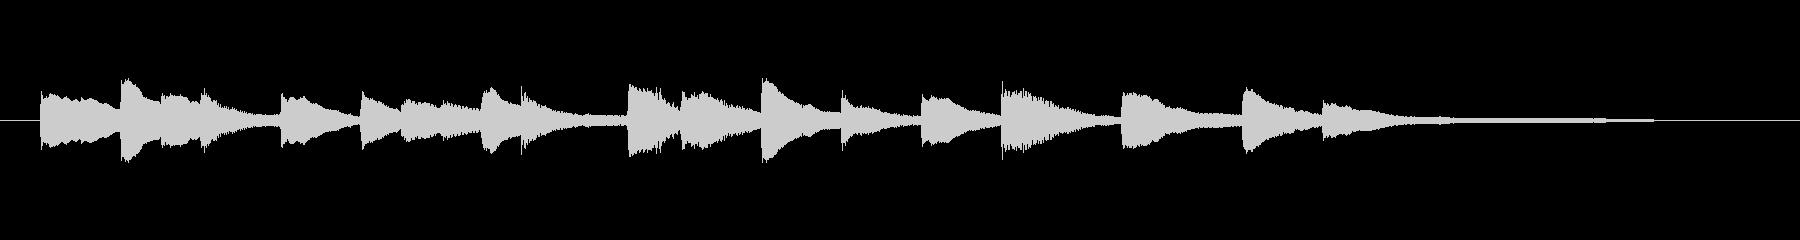 ピアノ 切ないシンプルなアルペジオ3の未再生の波形